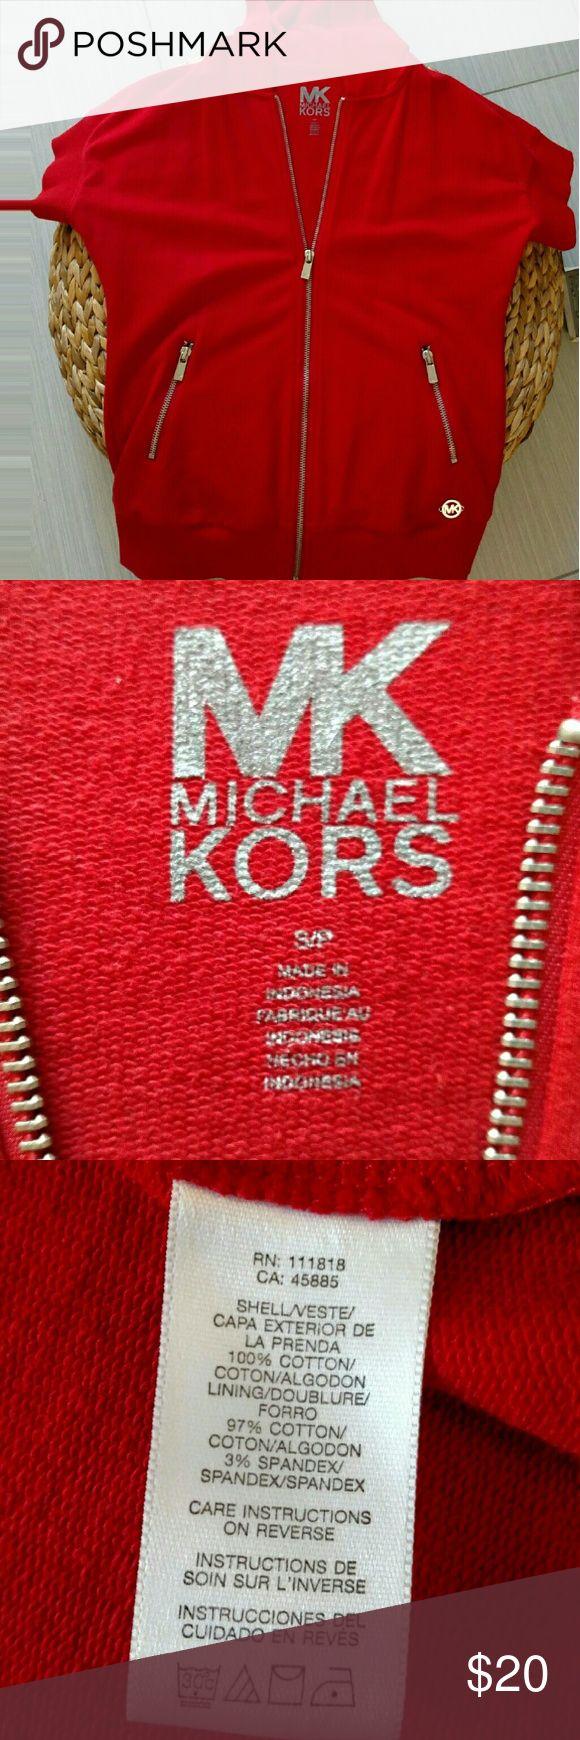 Michael Kors short sleeves hoodie Red short sleeves hoodie with silver accessories. MK emblem on left side on the hoodie & MK on all the zippers. Michael Kors Tops Sweatshirts & Hoodies